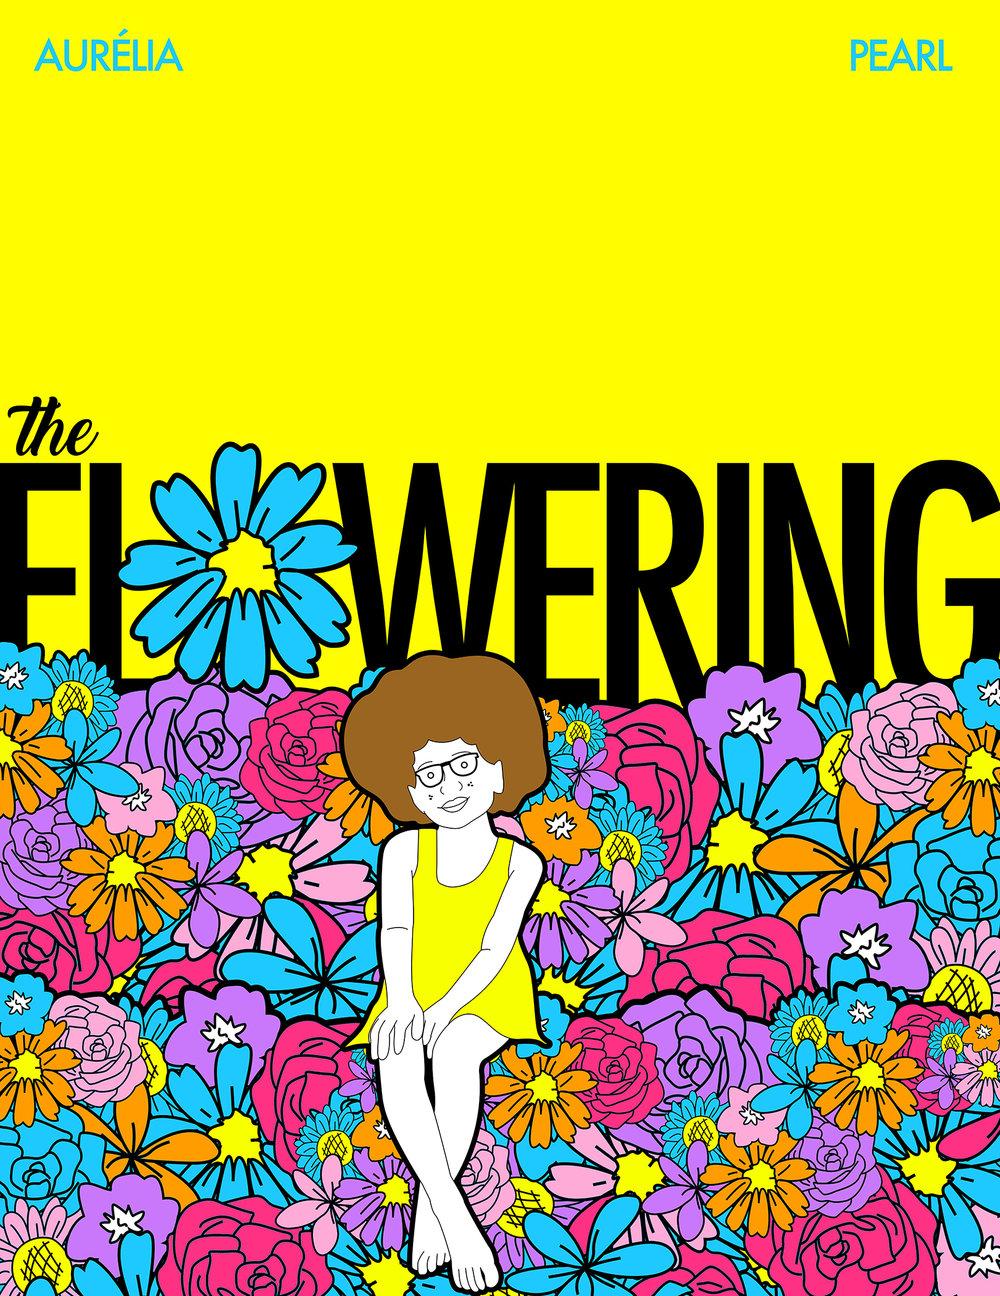 4-26flowering8.jpg